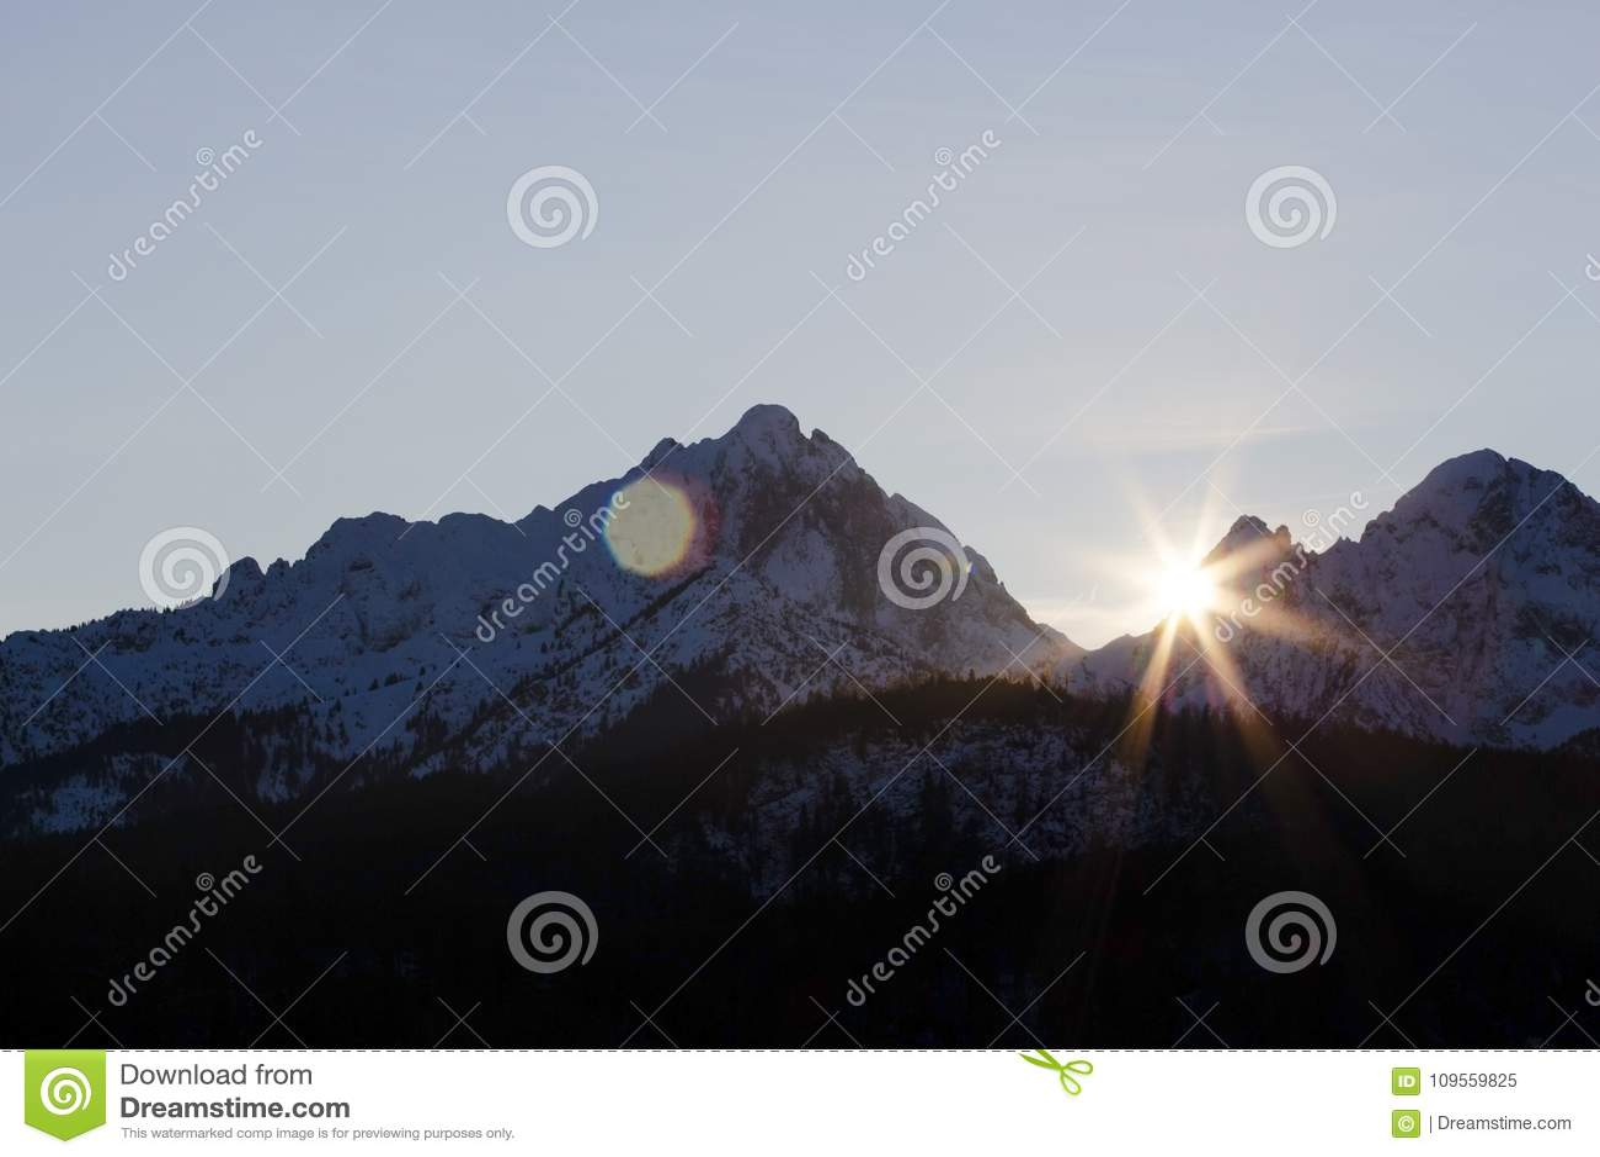 Solsken över bergen